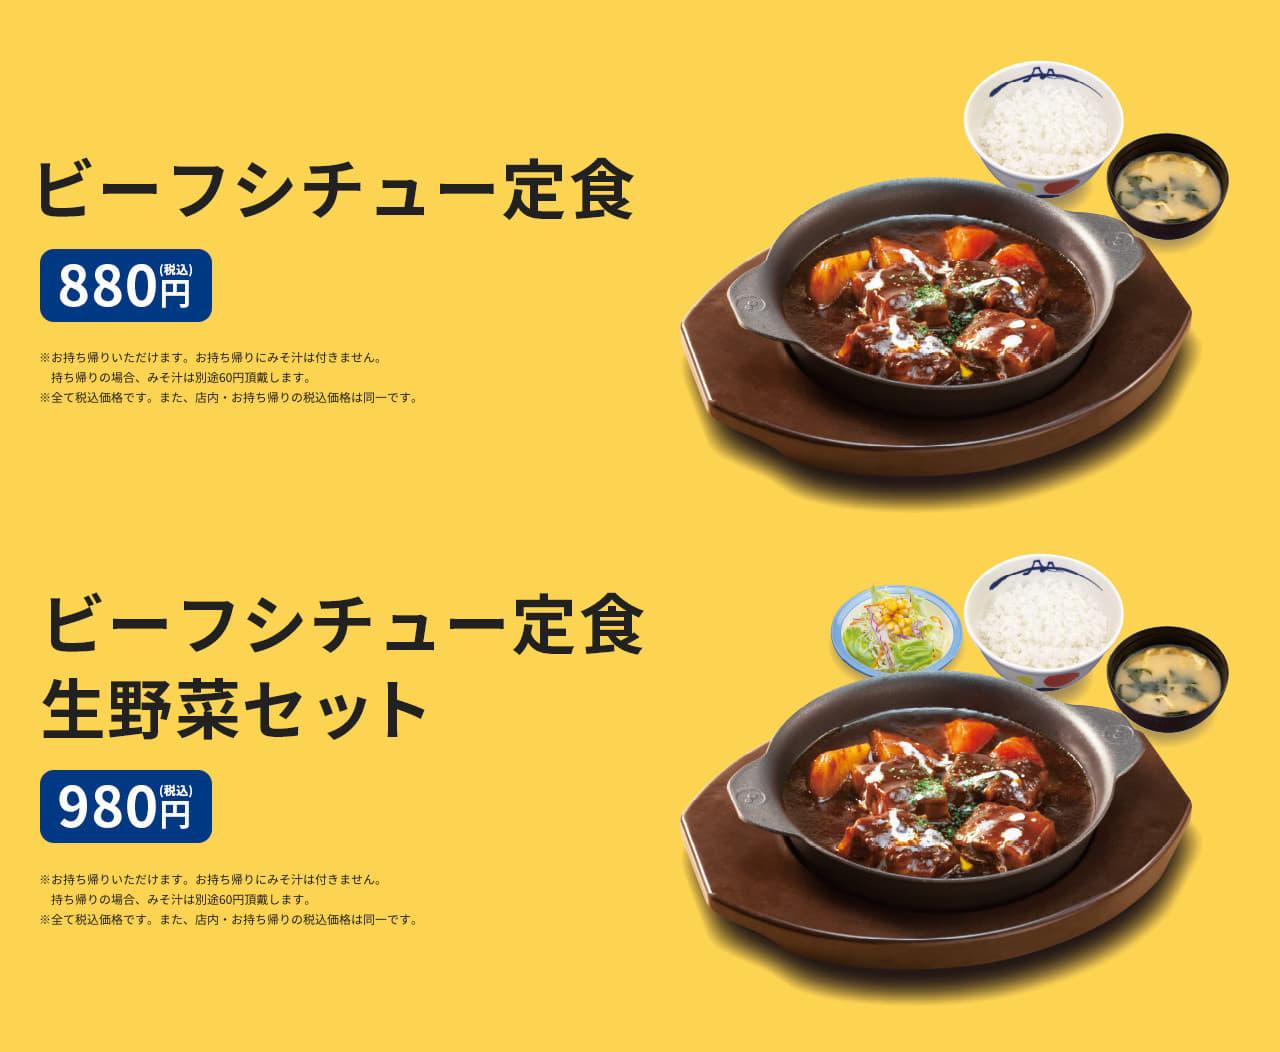 ビーフシチュー定食 880円(税込) ビーフシチュー定食生野菜セット 980円(税込)